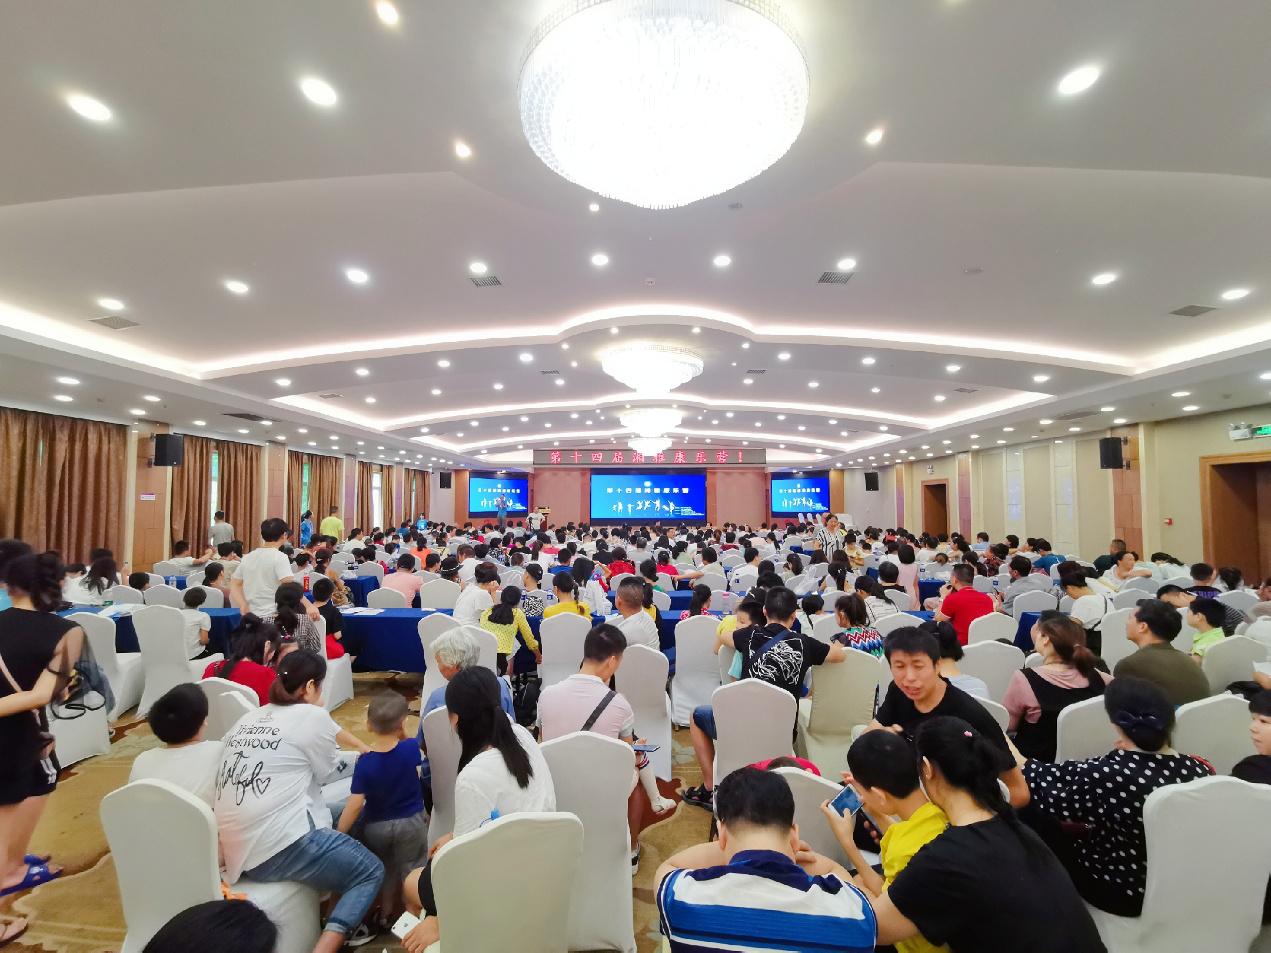 共话健康成长259个1型糖尿病家庭参加第十四届湘雅康乐营